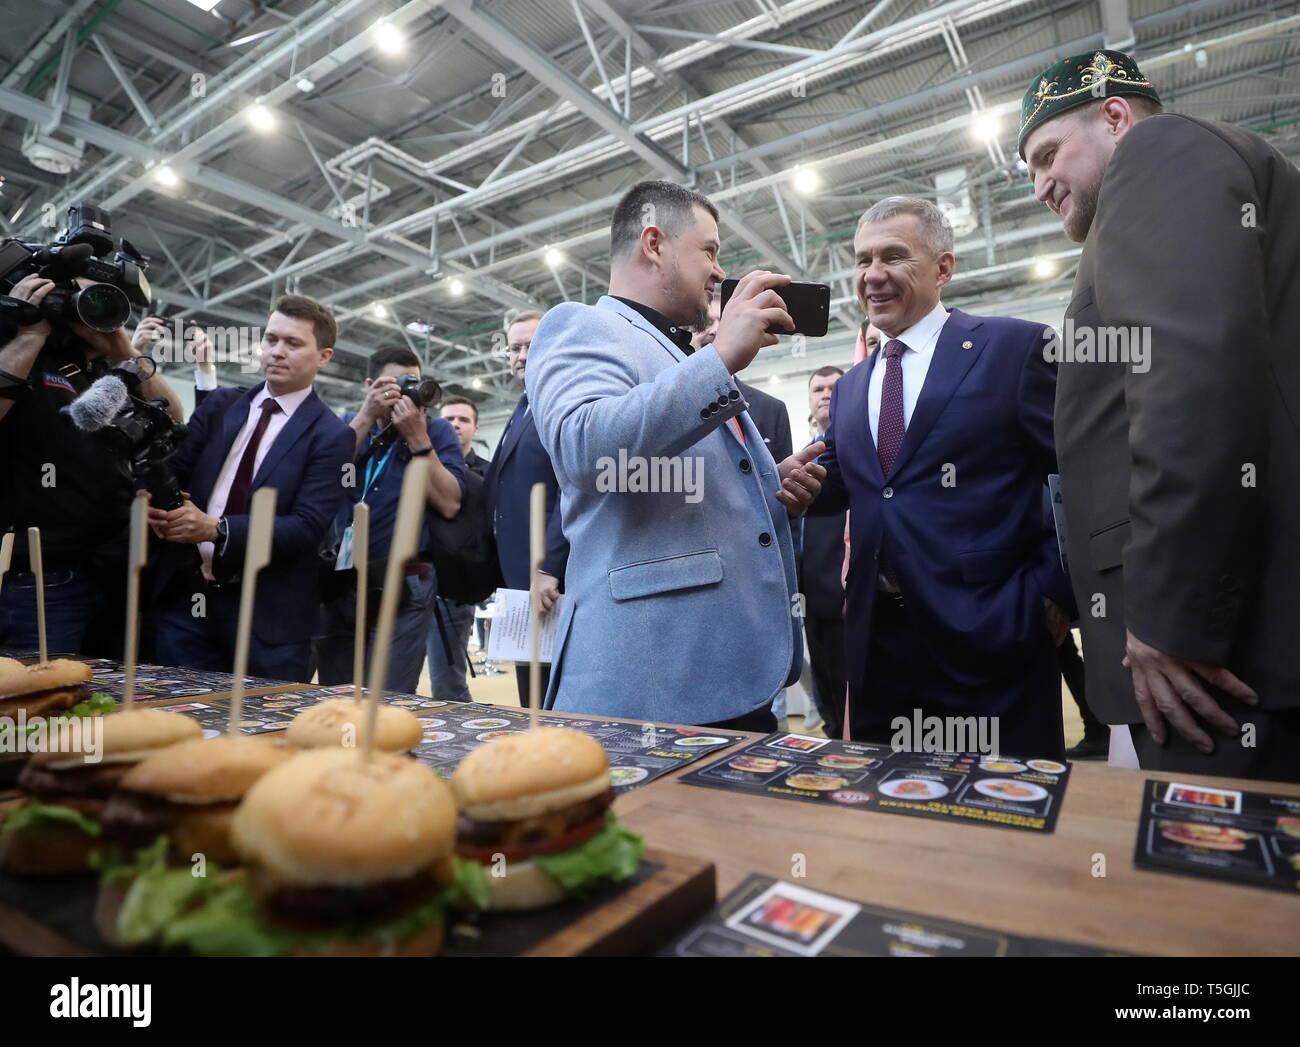 Kazan, Russia  25th Apr, 2019  KAZAN, RUSSIA - APRIL 25, 2019